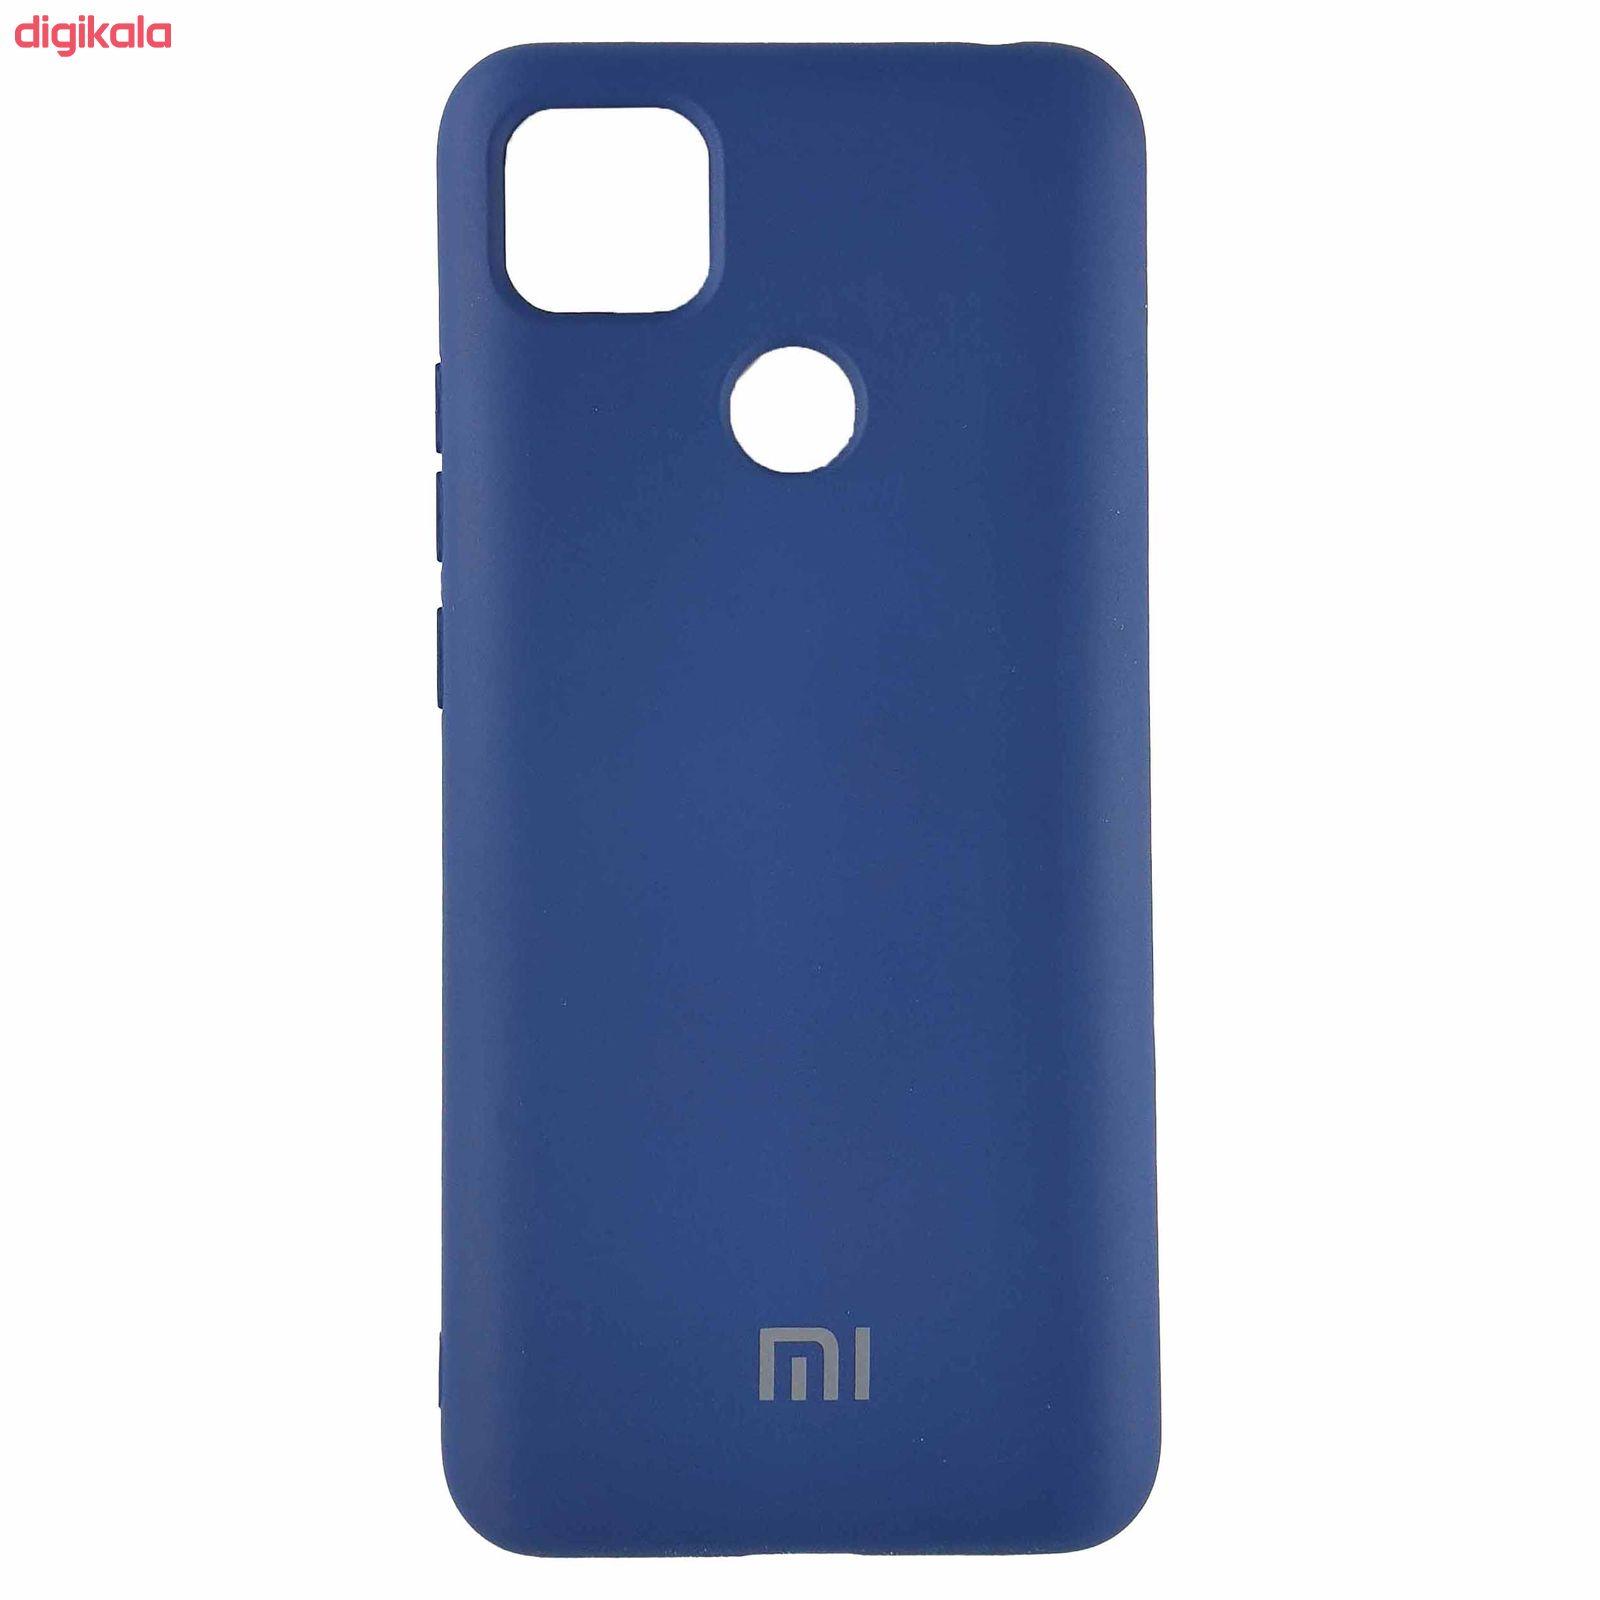 کاور مدل SLIKNI مناسب برای گوشی موبایل شیائومی Redmi 9c main 1 14